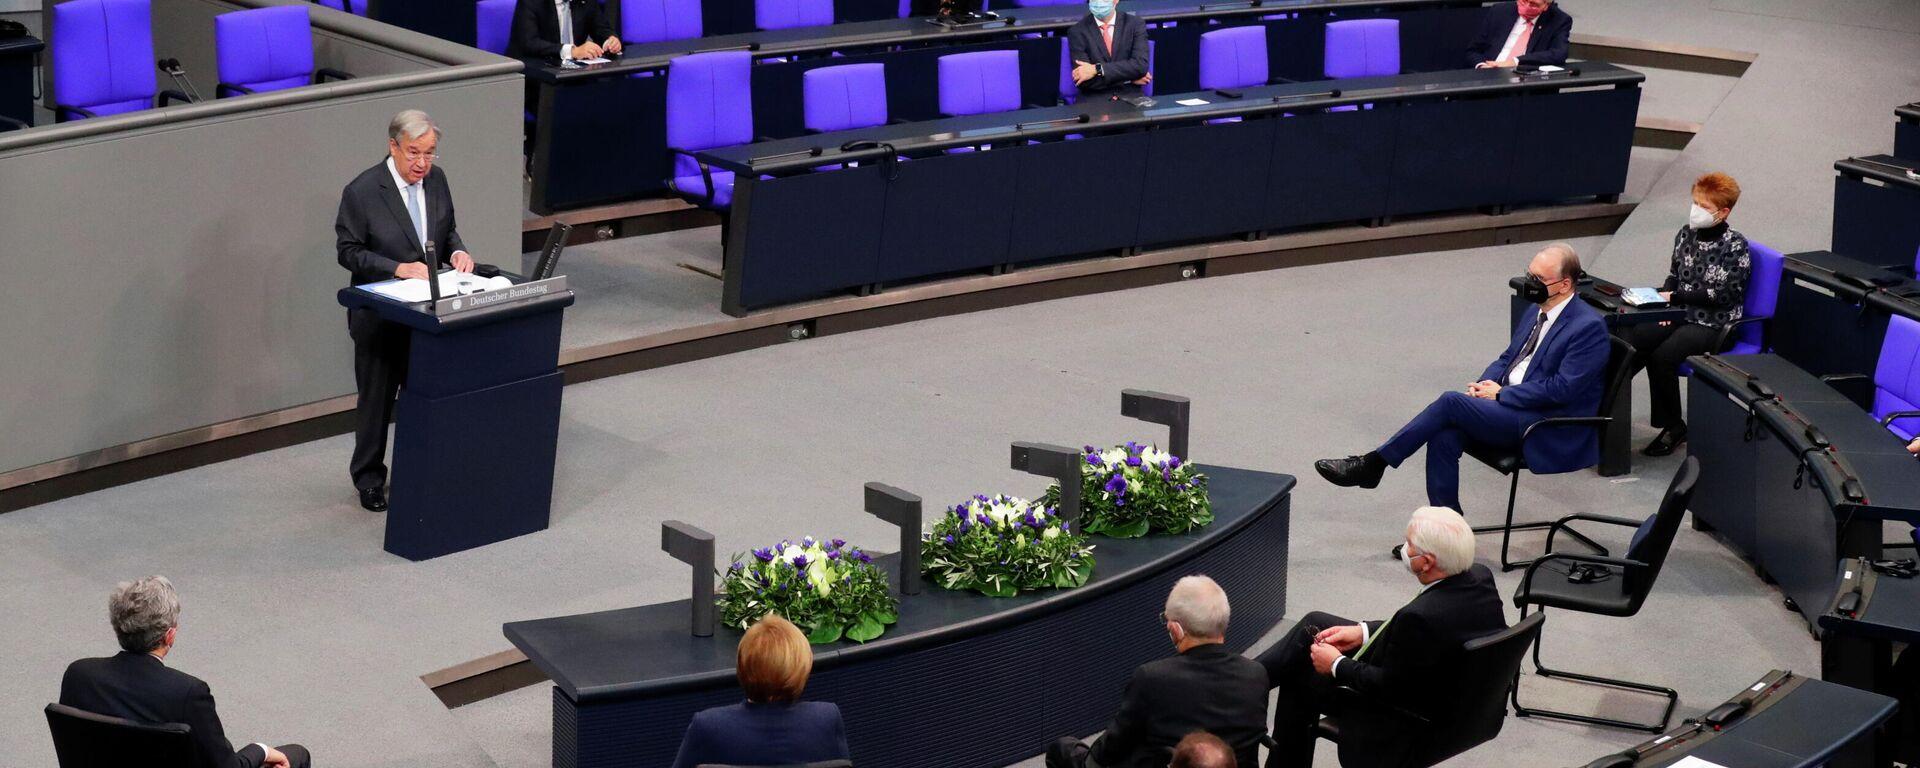 UN-Generalsekretär Antonio Guterres spricht im Bundestag am 18. Dezember 2020 - SNA, 1920, 18.12.2020